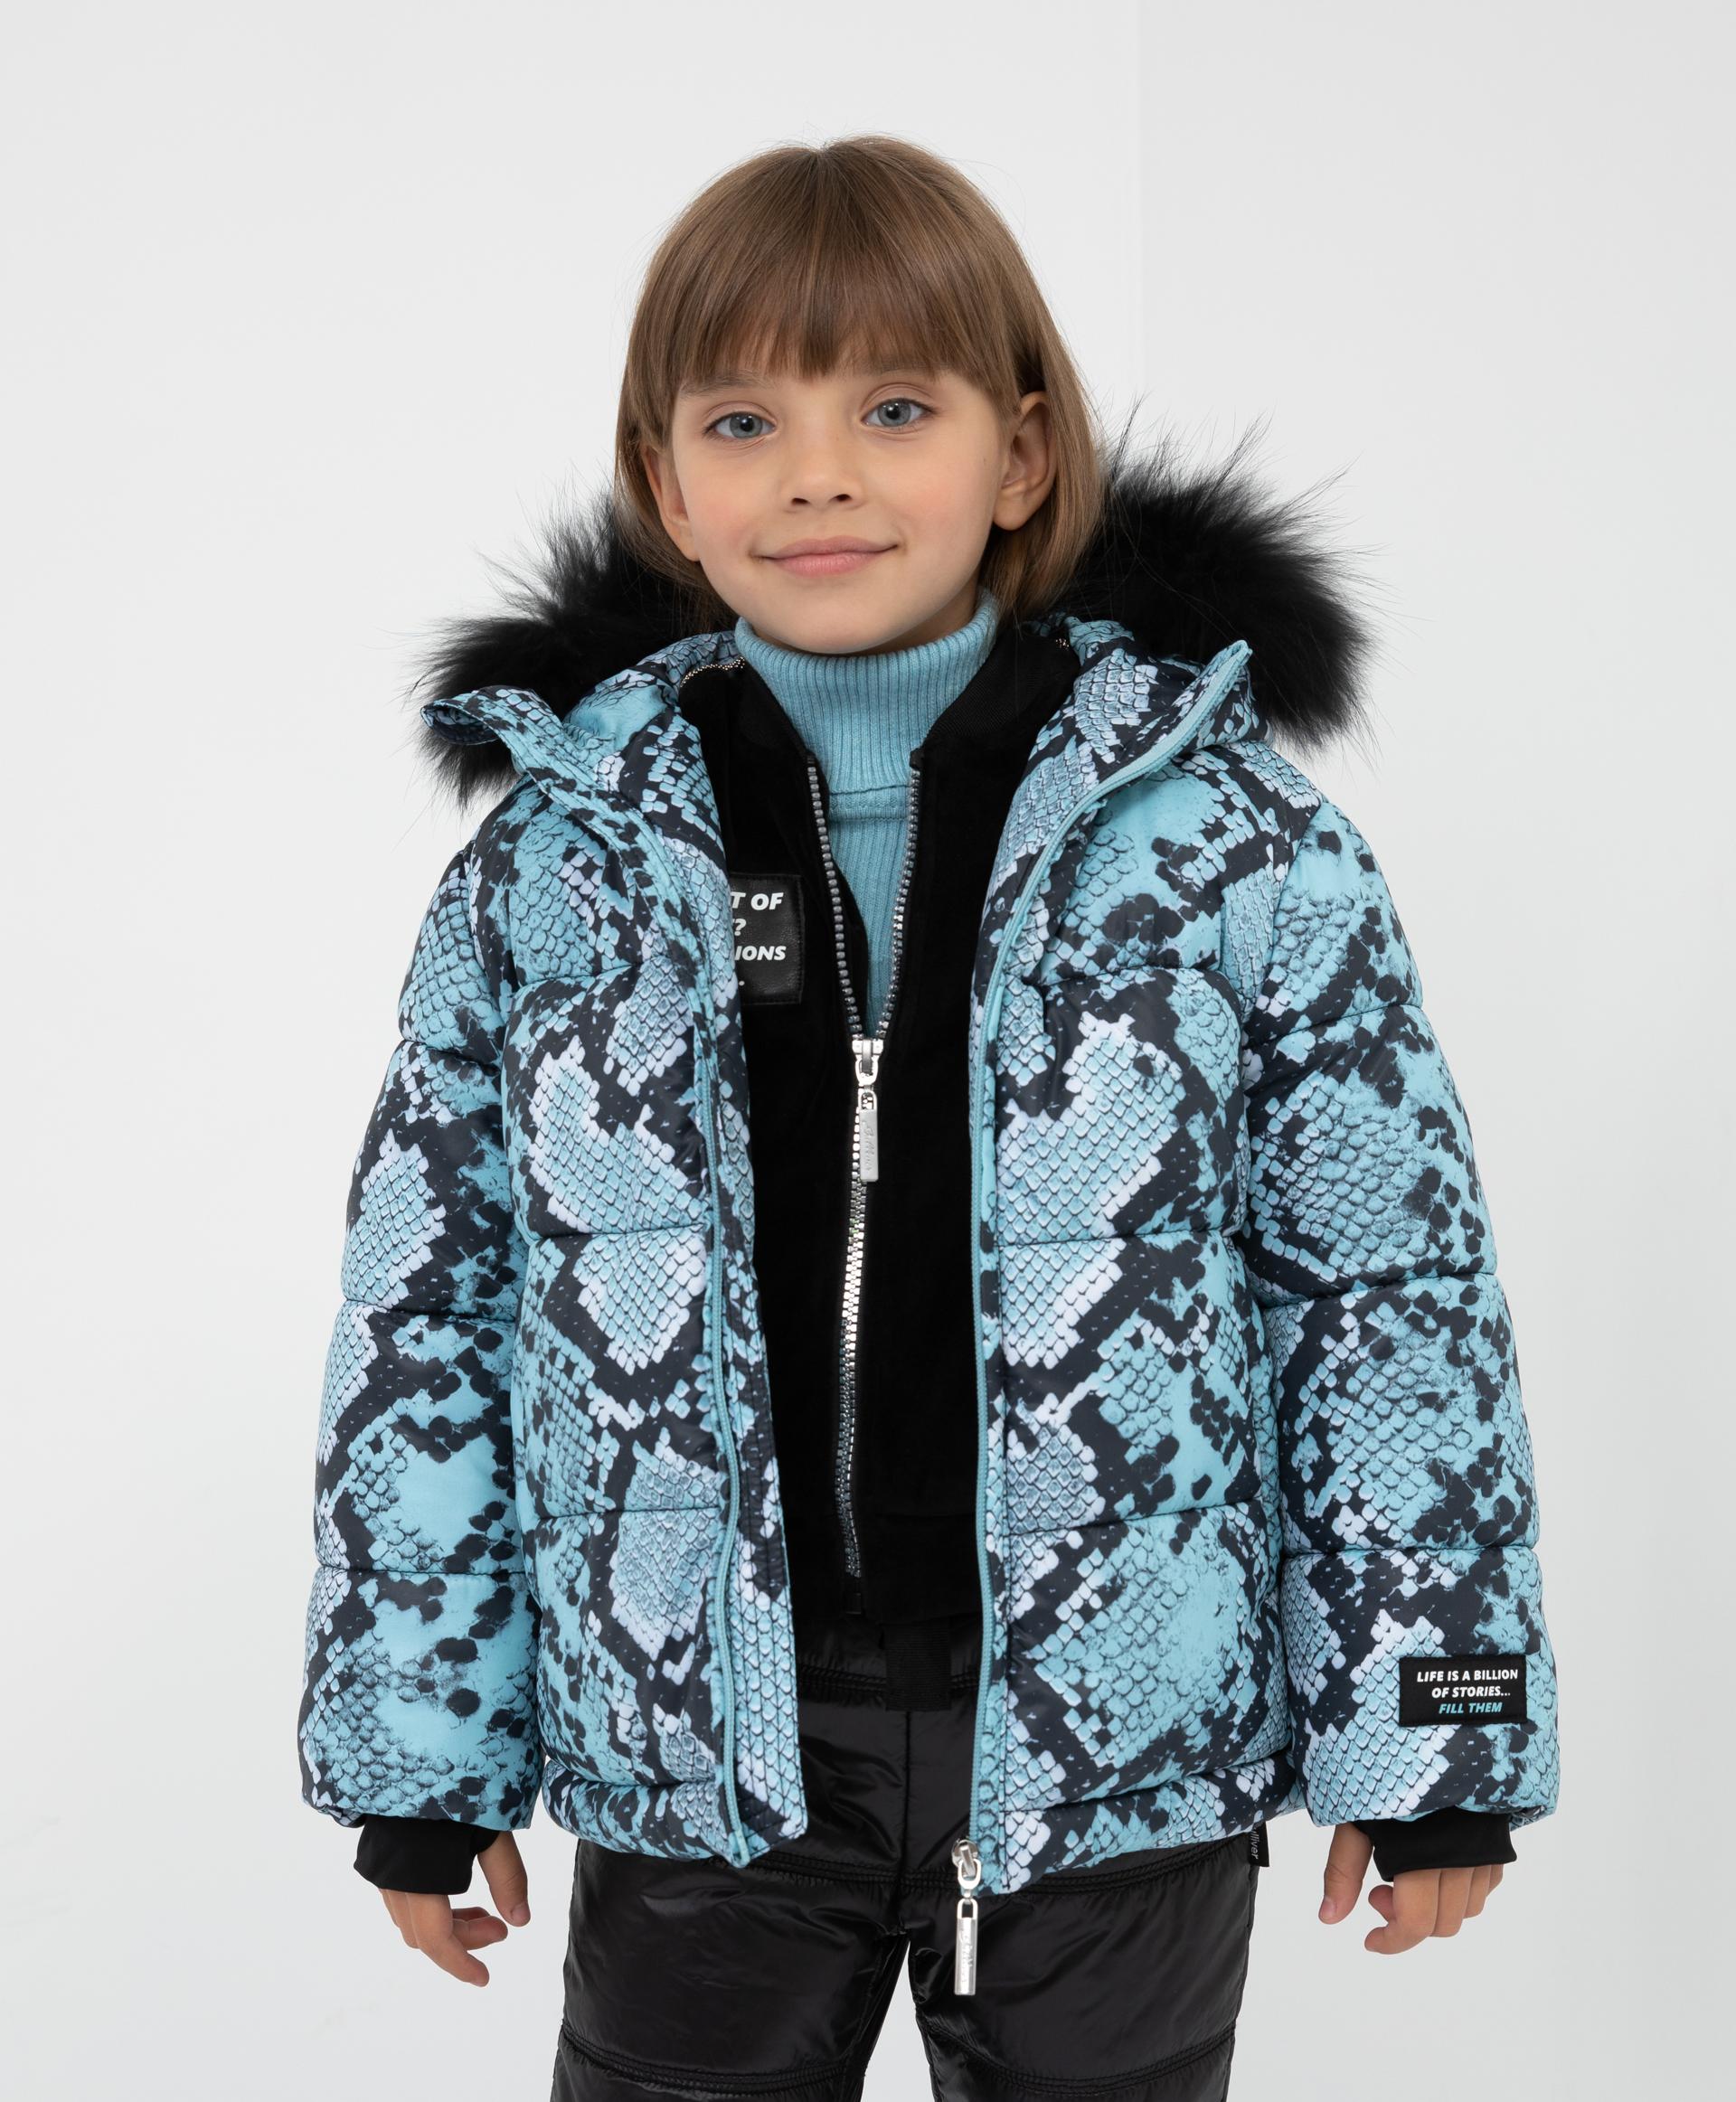 Купить 22101GMC4101, Куртка зимняя с капюшоном Gulliver, мультицвет, 128, Полиэстер, Женский, Зима, ОСЕНЬ/ЗИМА 2021-2022 (shop: GulliverMarket Gulliver Market)